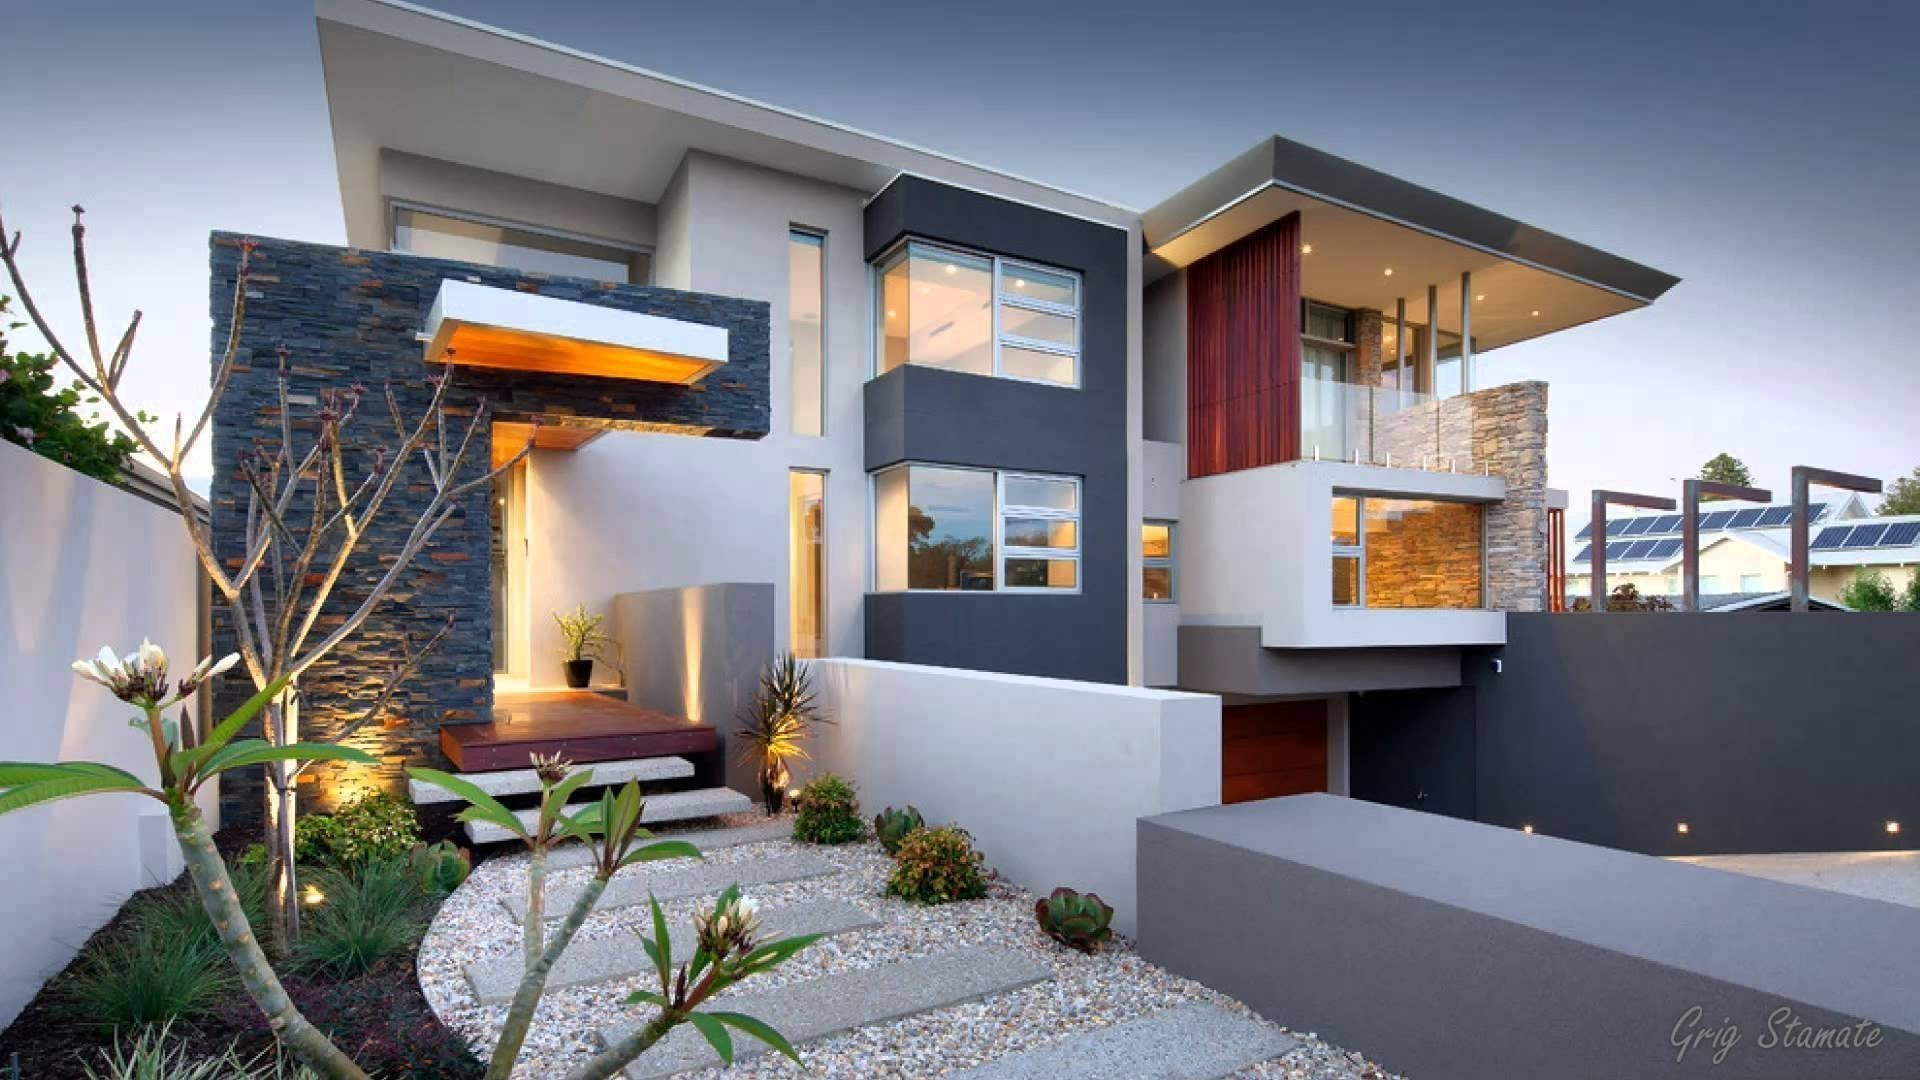 New Modern Luxury Home Hd Wallpaper - Ultra Modern Best Modern House Design - HD Wallpaper